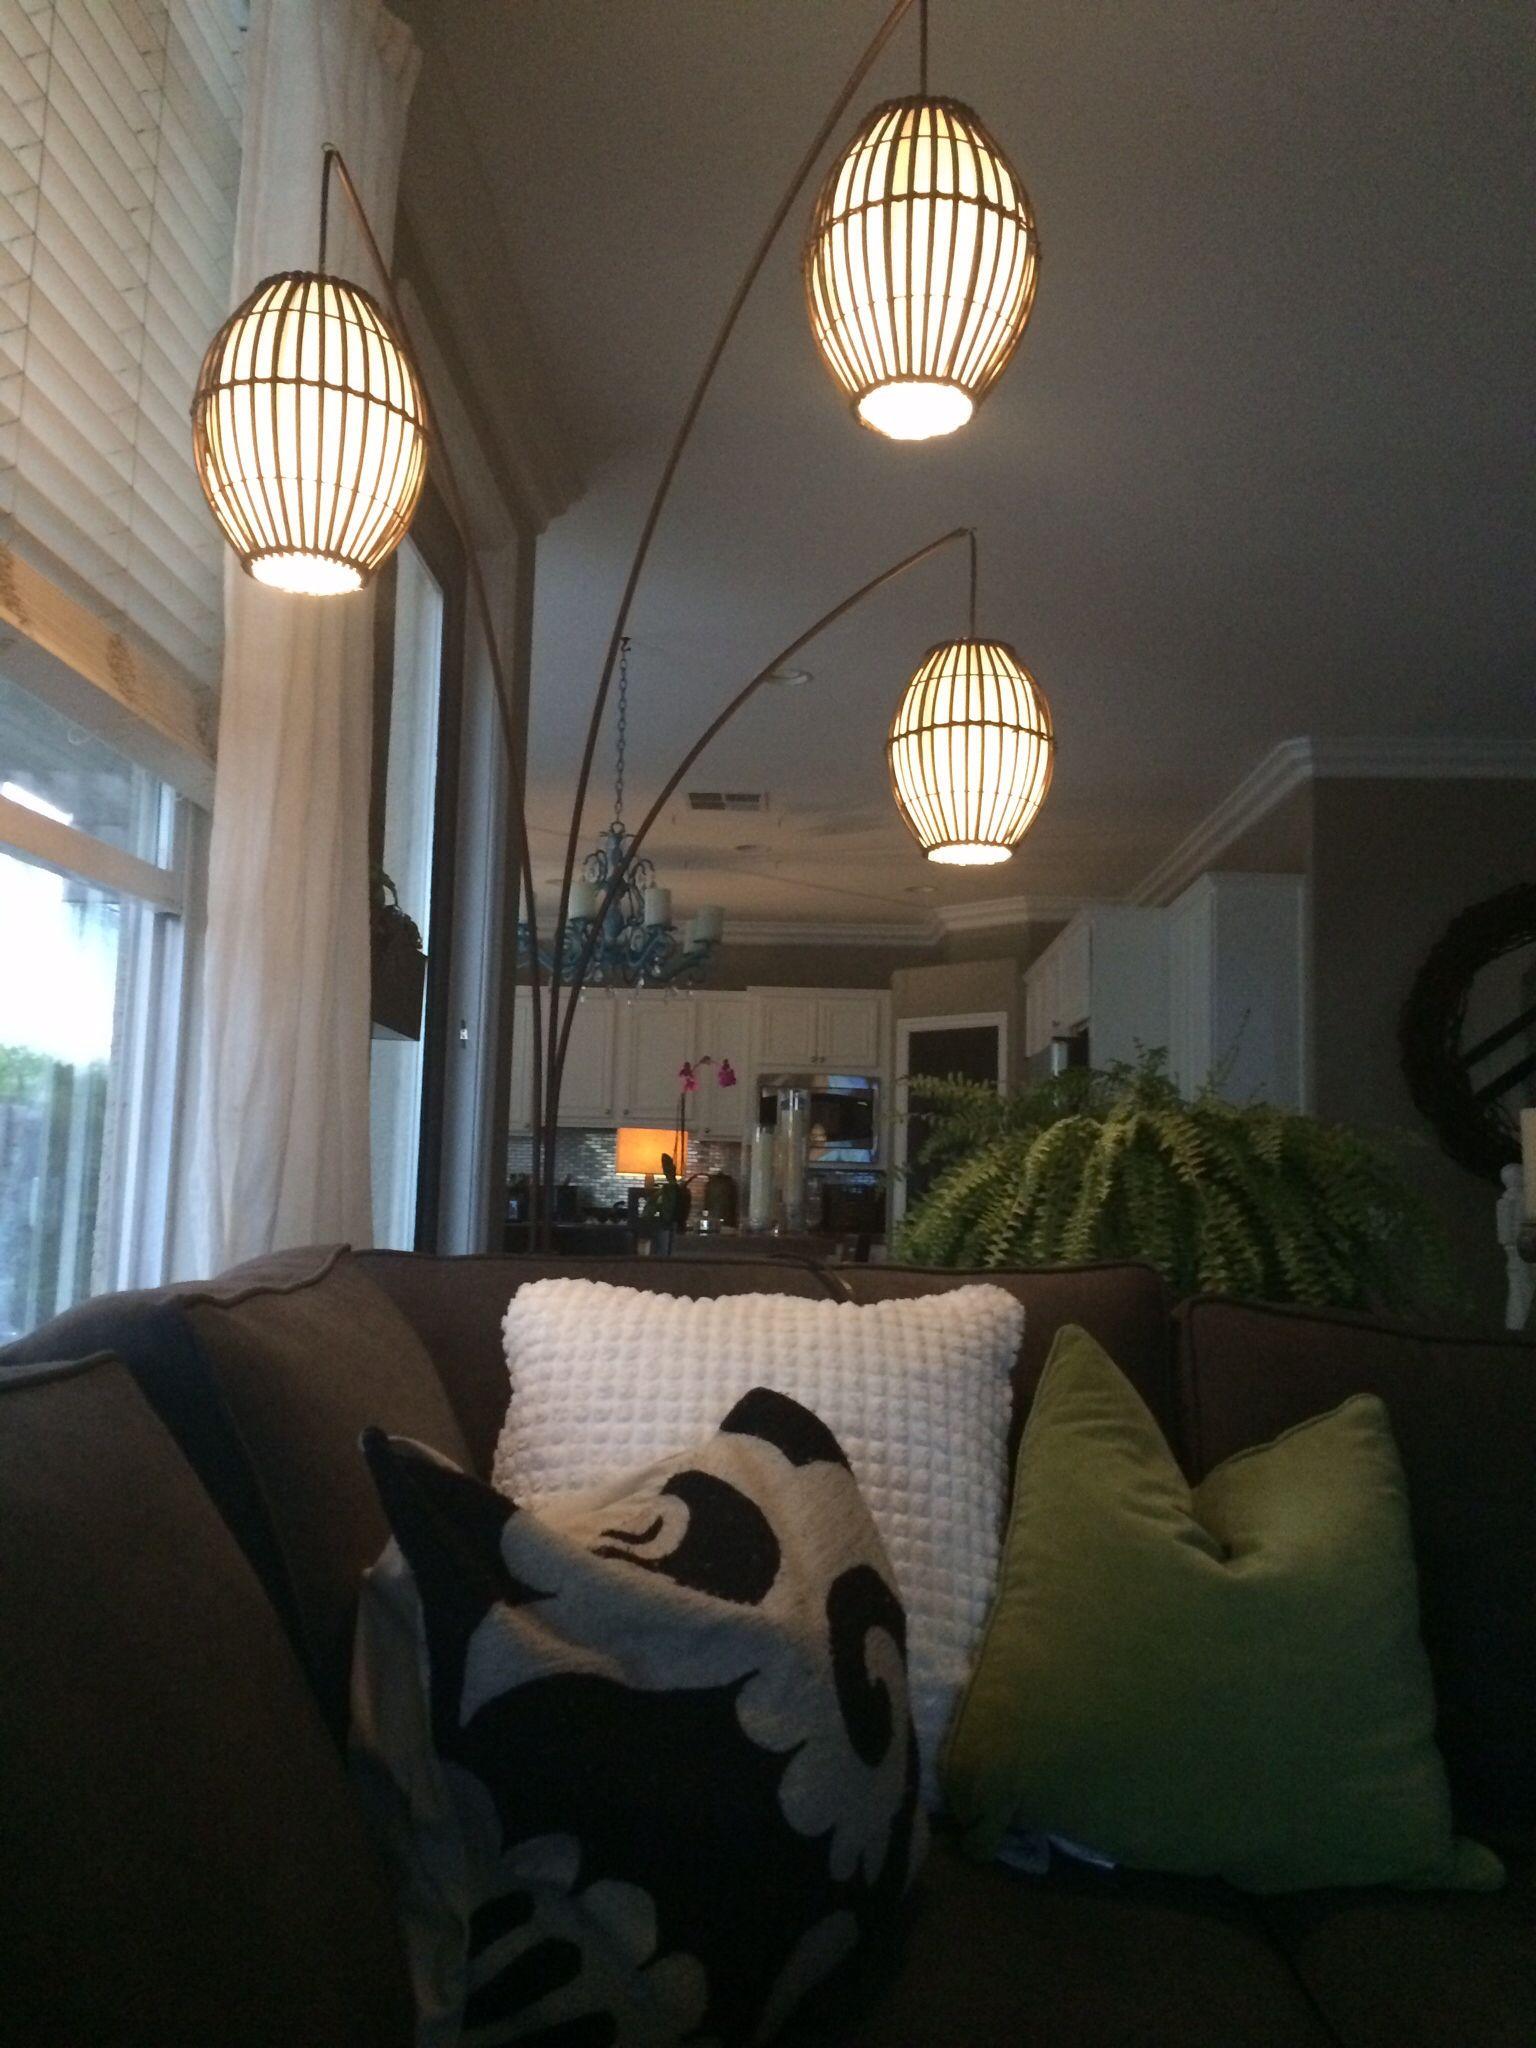 #worldmarket # Tiki Arc Sphere Globe Floor Lamp#asianmoderndecor